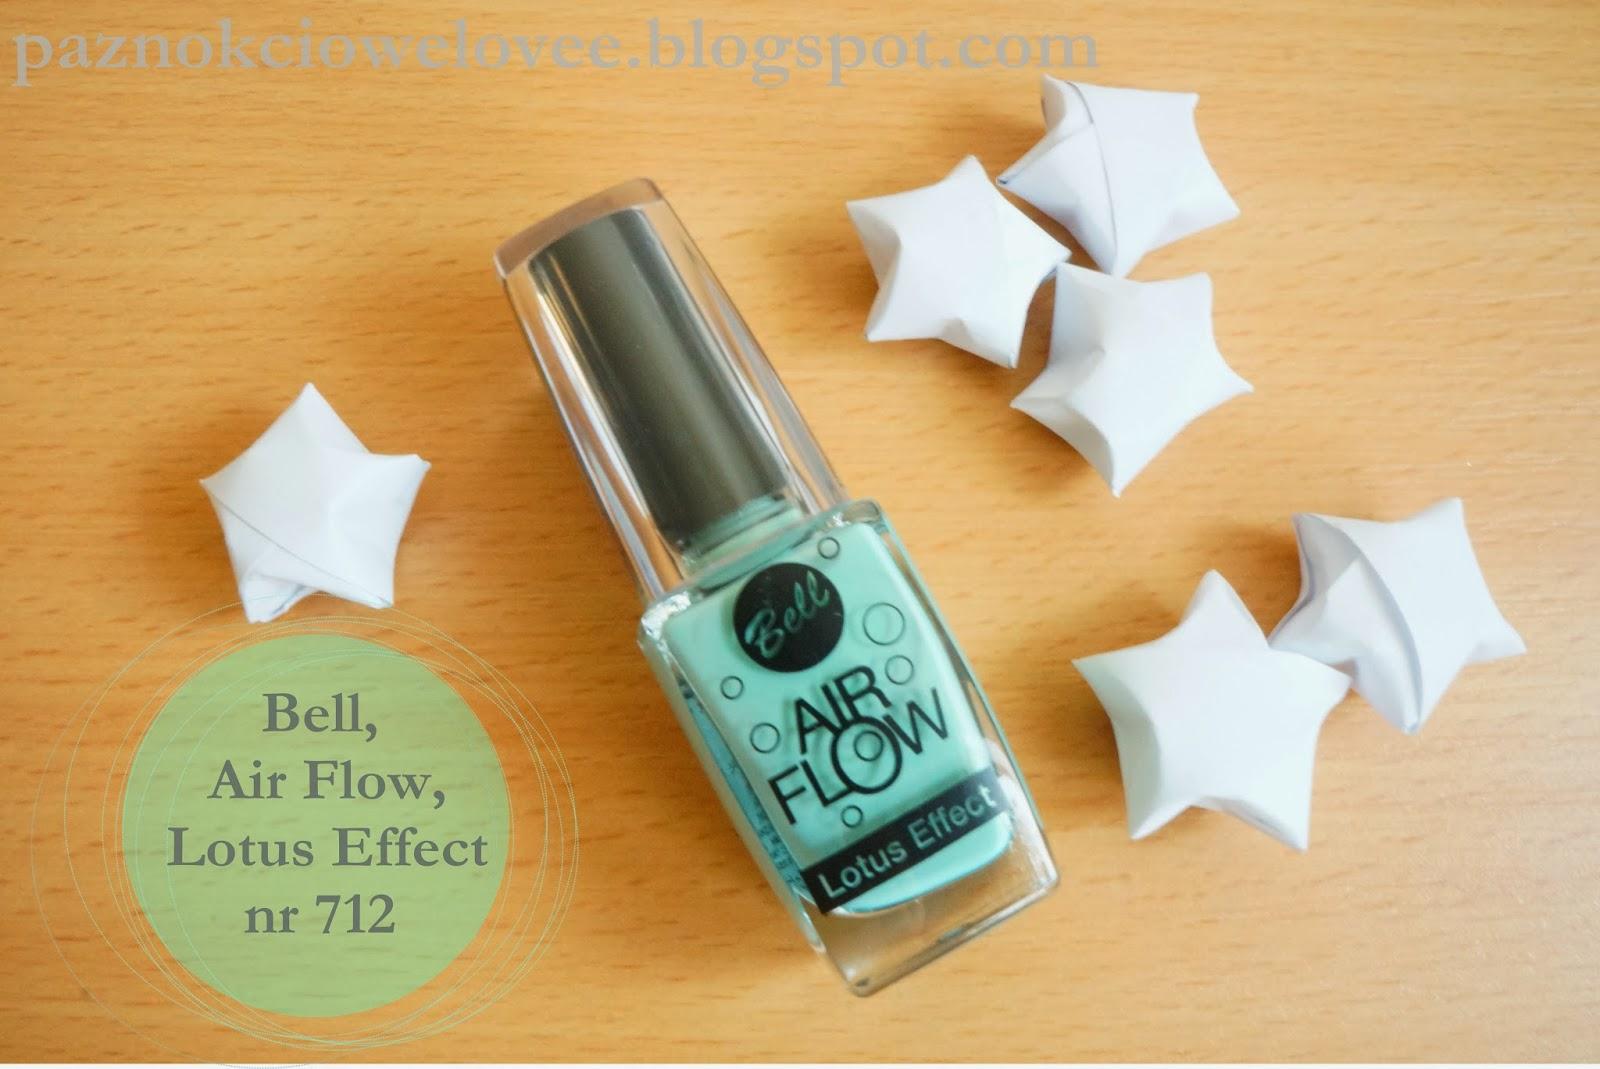 Bell, Air Flow, Lotus Effect (Lakier przepuszczający powietrze)